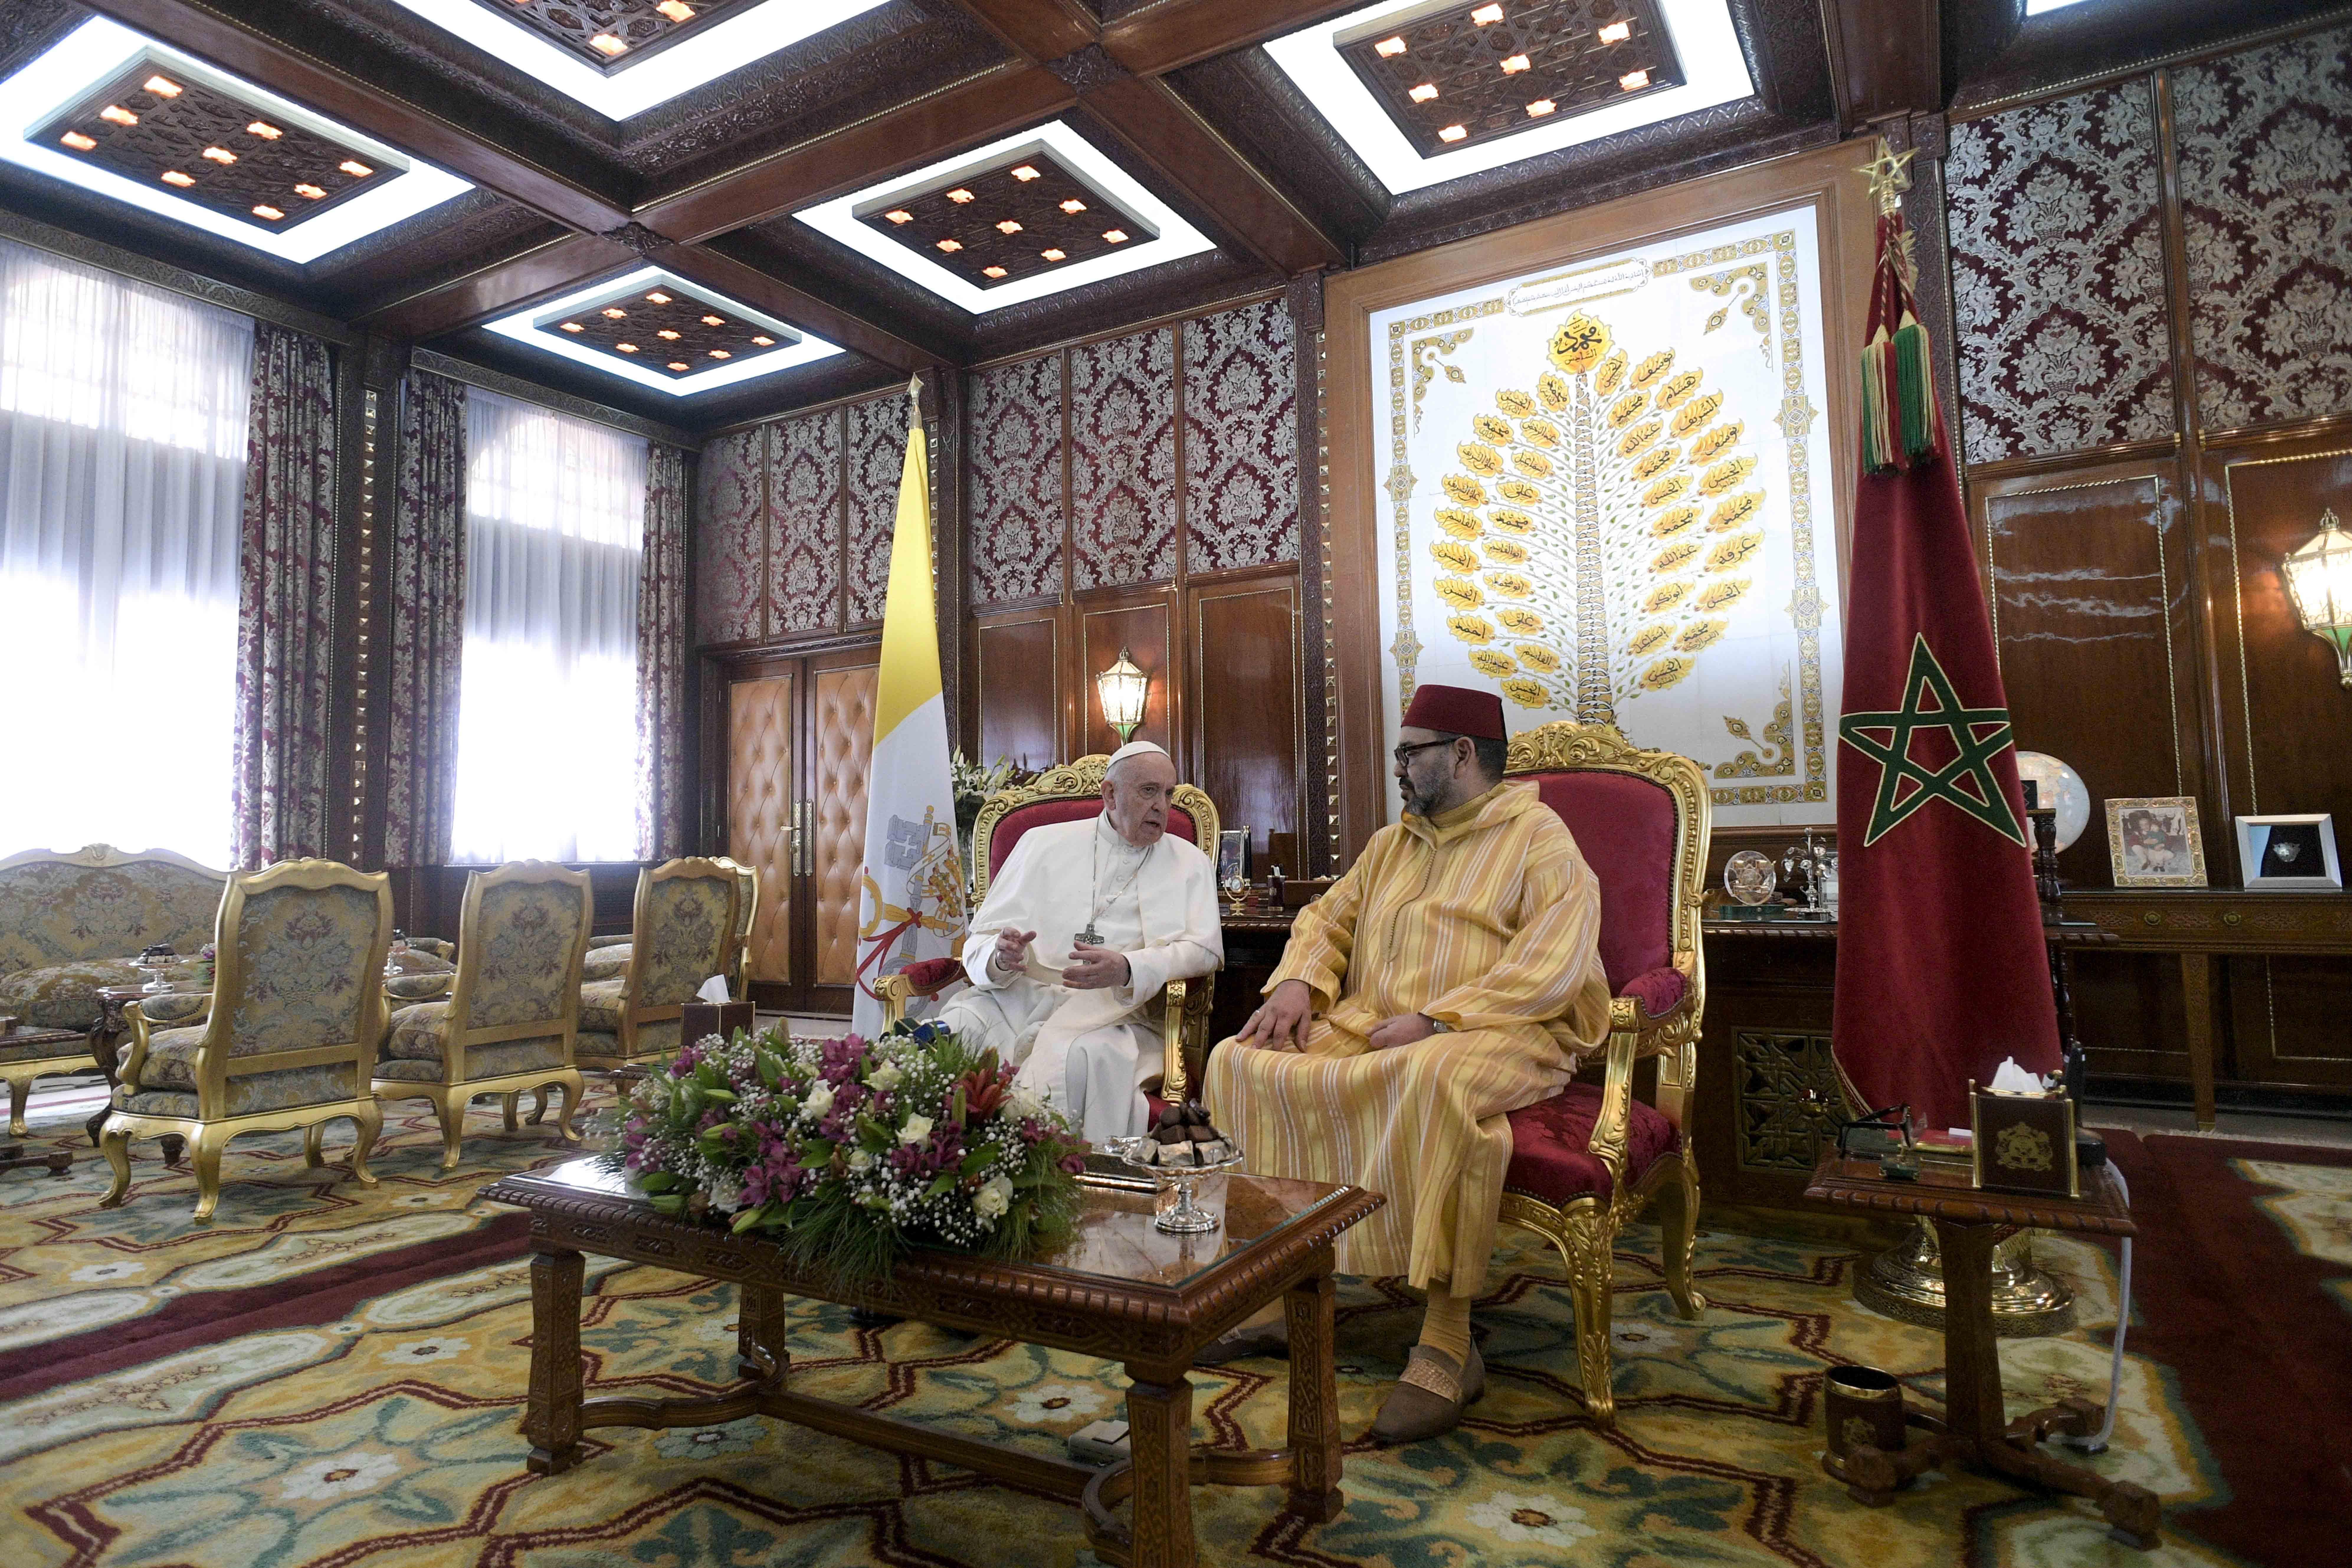 Visite au roi du Maroc Mohammed VI au palais royal © Vatican Media